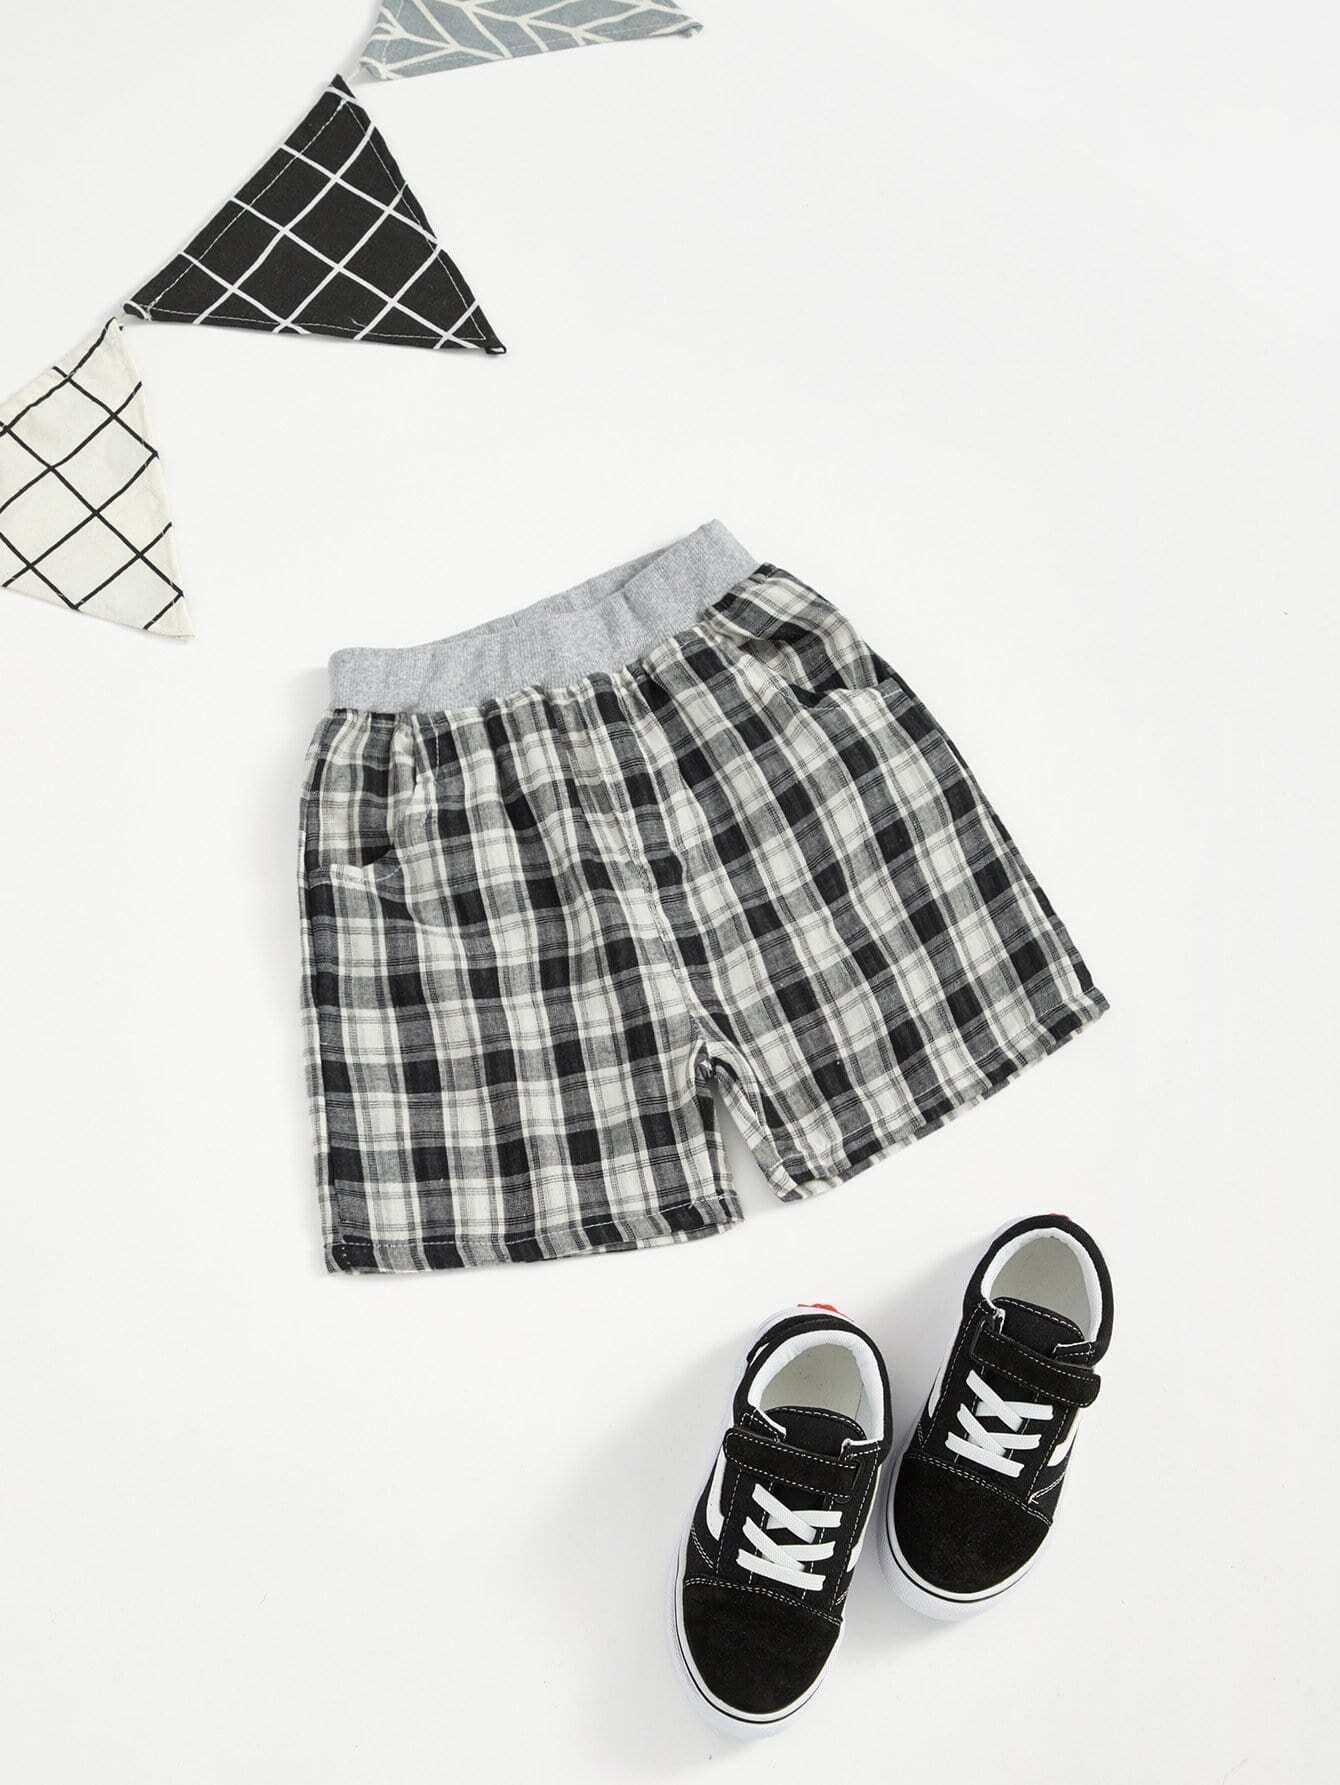 Купить Полосатые шорты в клетку с басоном эластичным для мальчика, null, SheIn